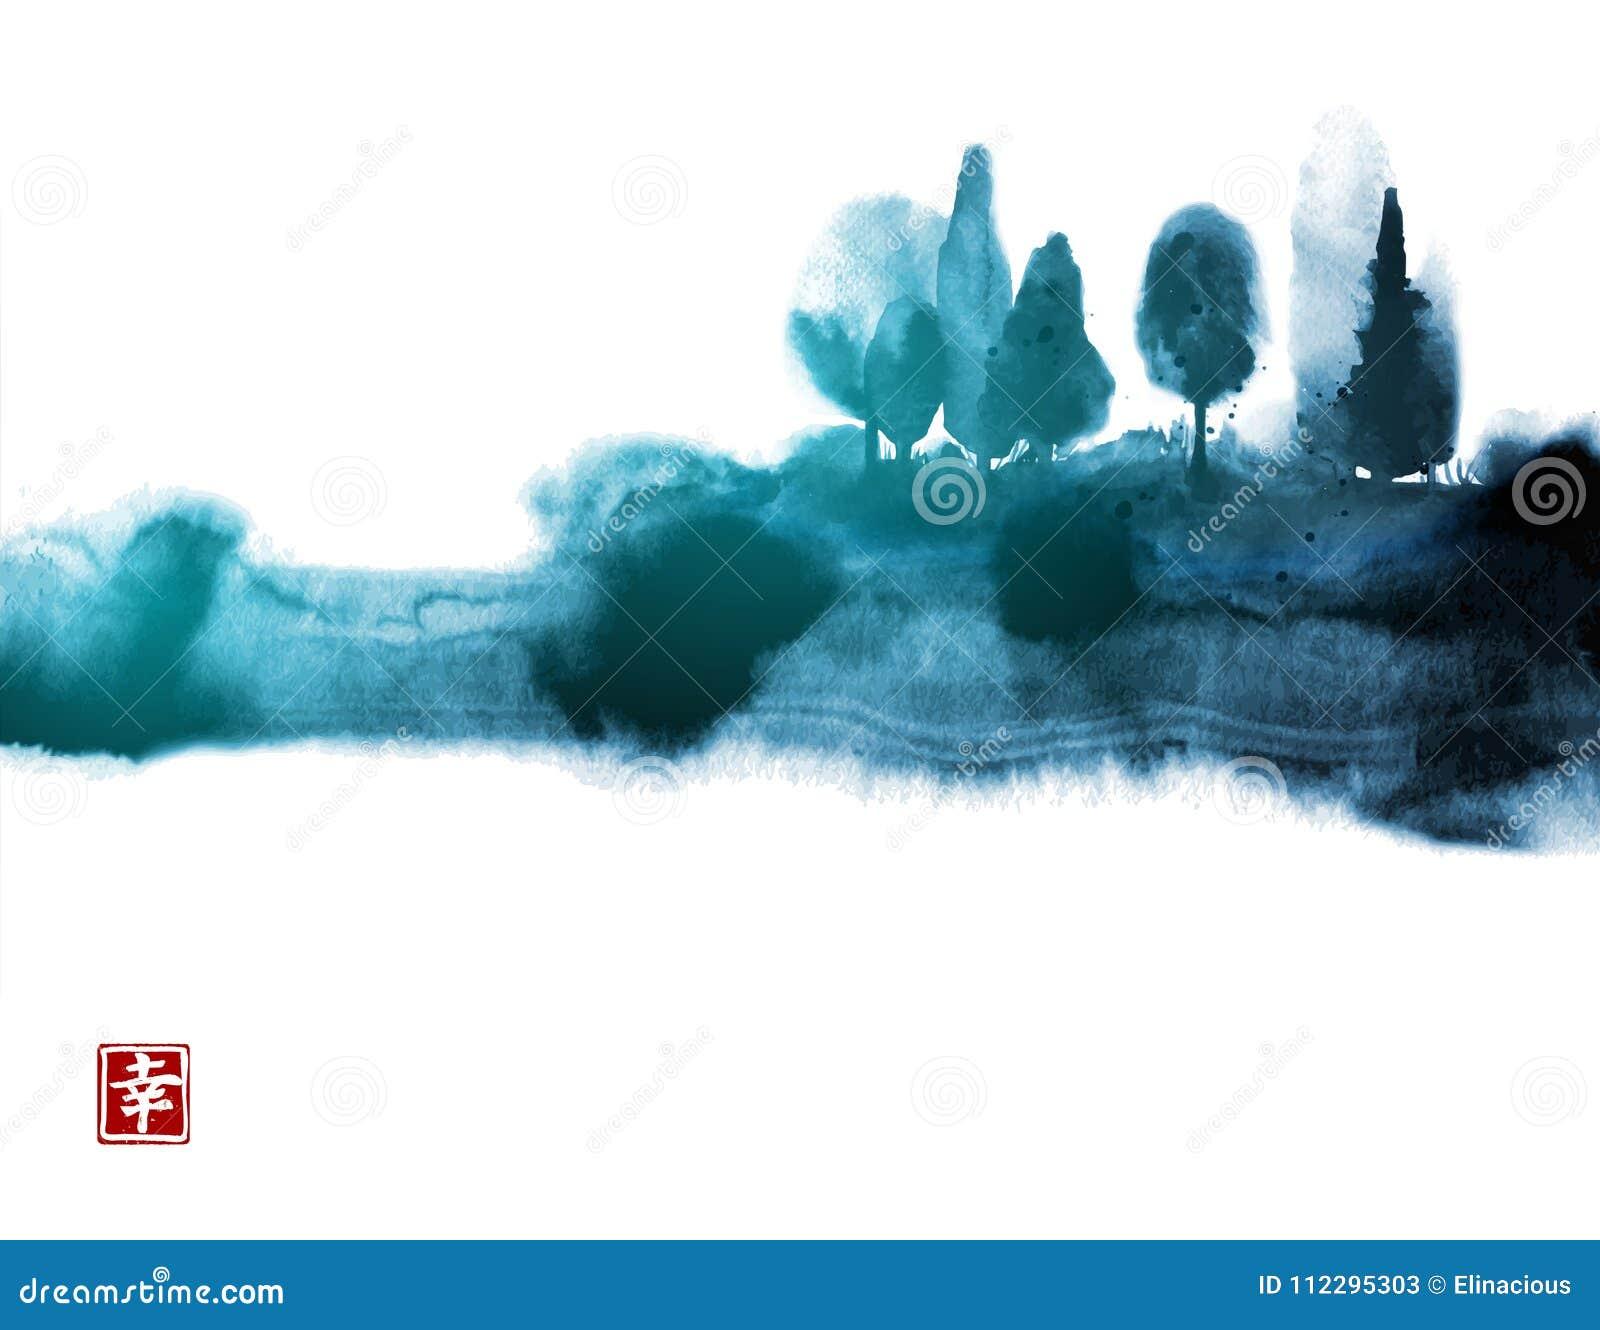 Stylizowany atramentu obmycia obraz z błękitnymi mglistymi lasowymi drzewami Tradycyjny orientalny atramentu obrazu sumi-e, grzec